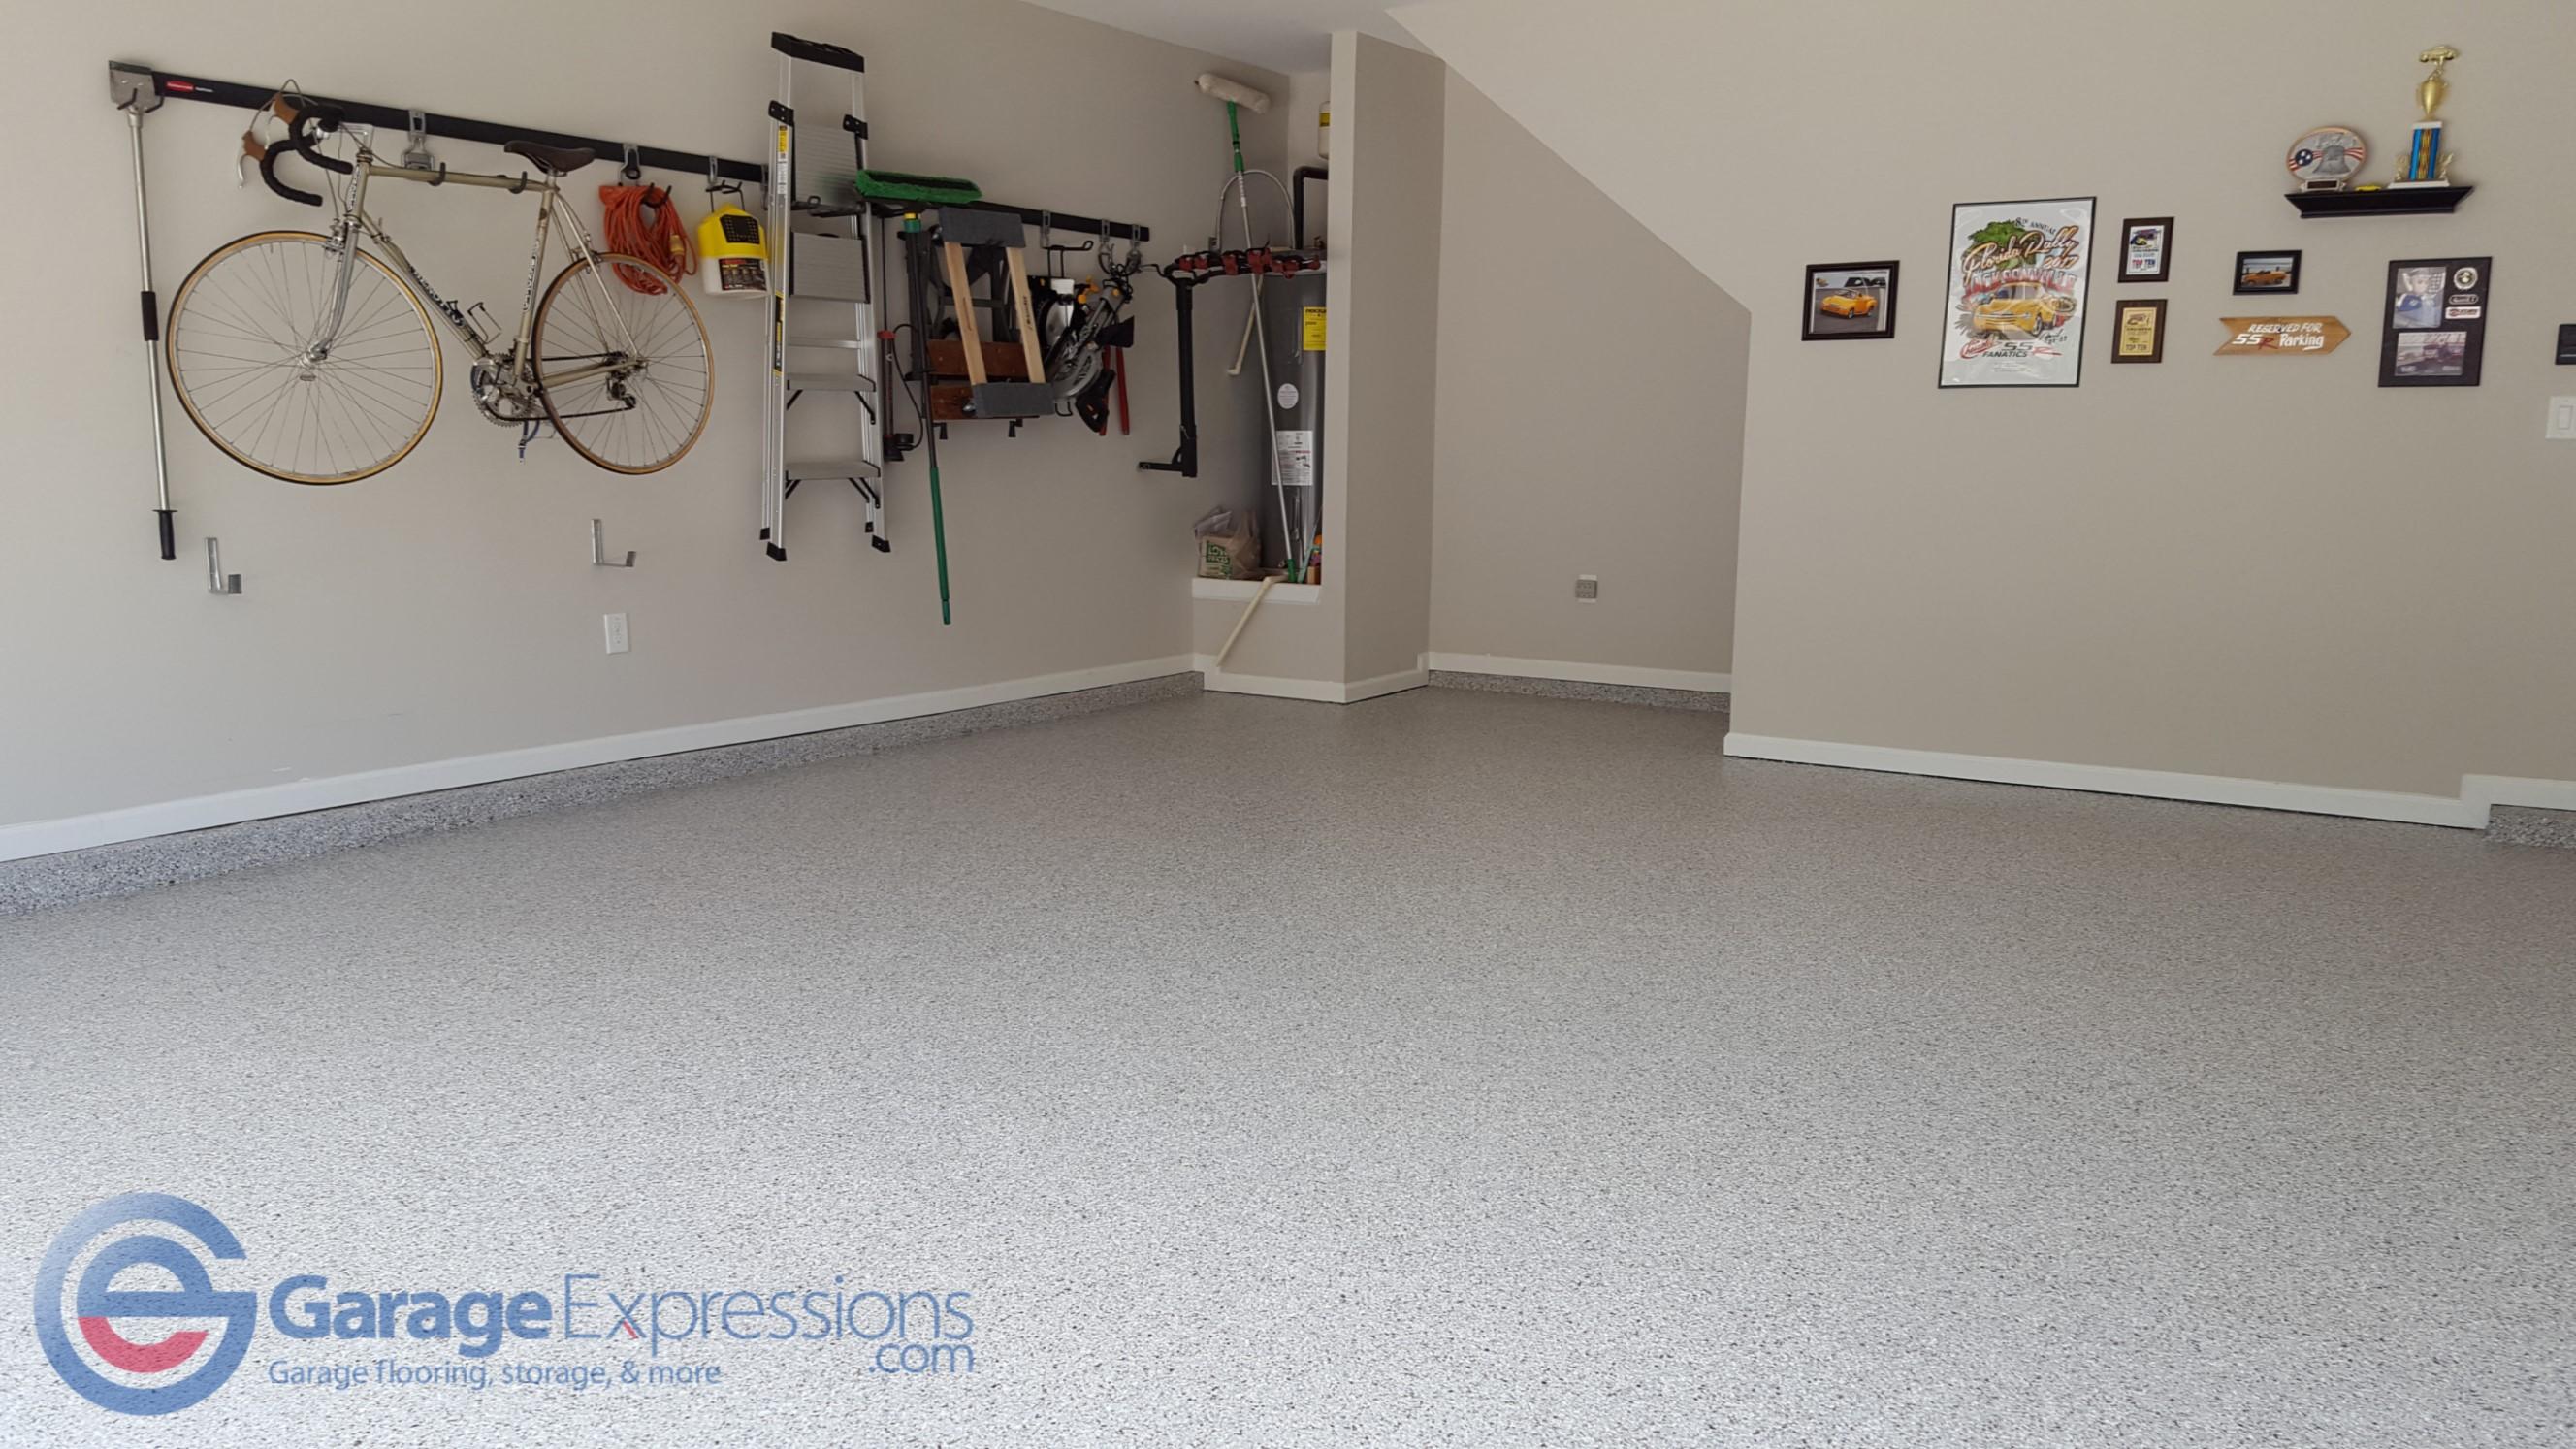 Garage Expressions Garage flooring storage & more Epoxy